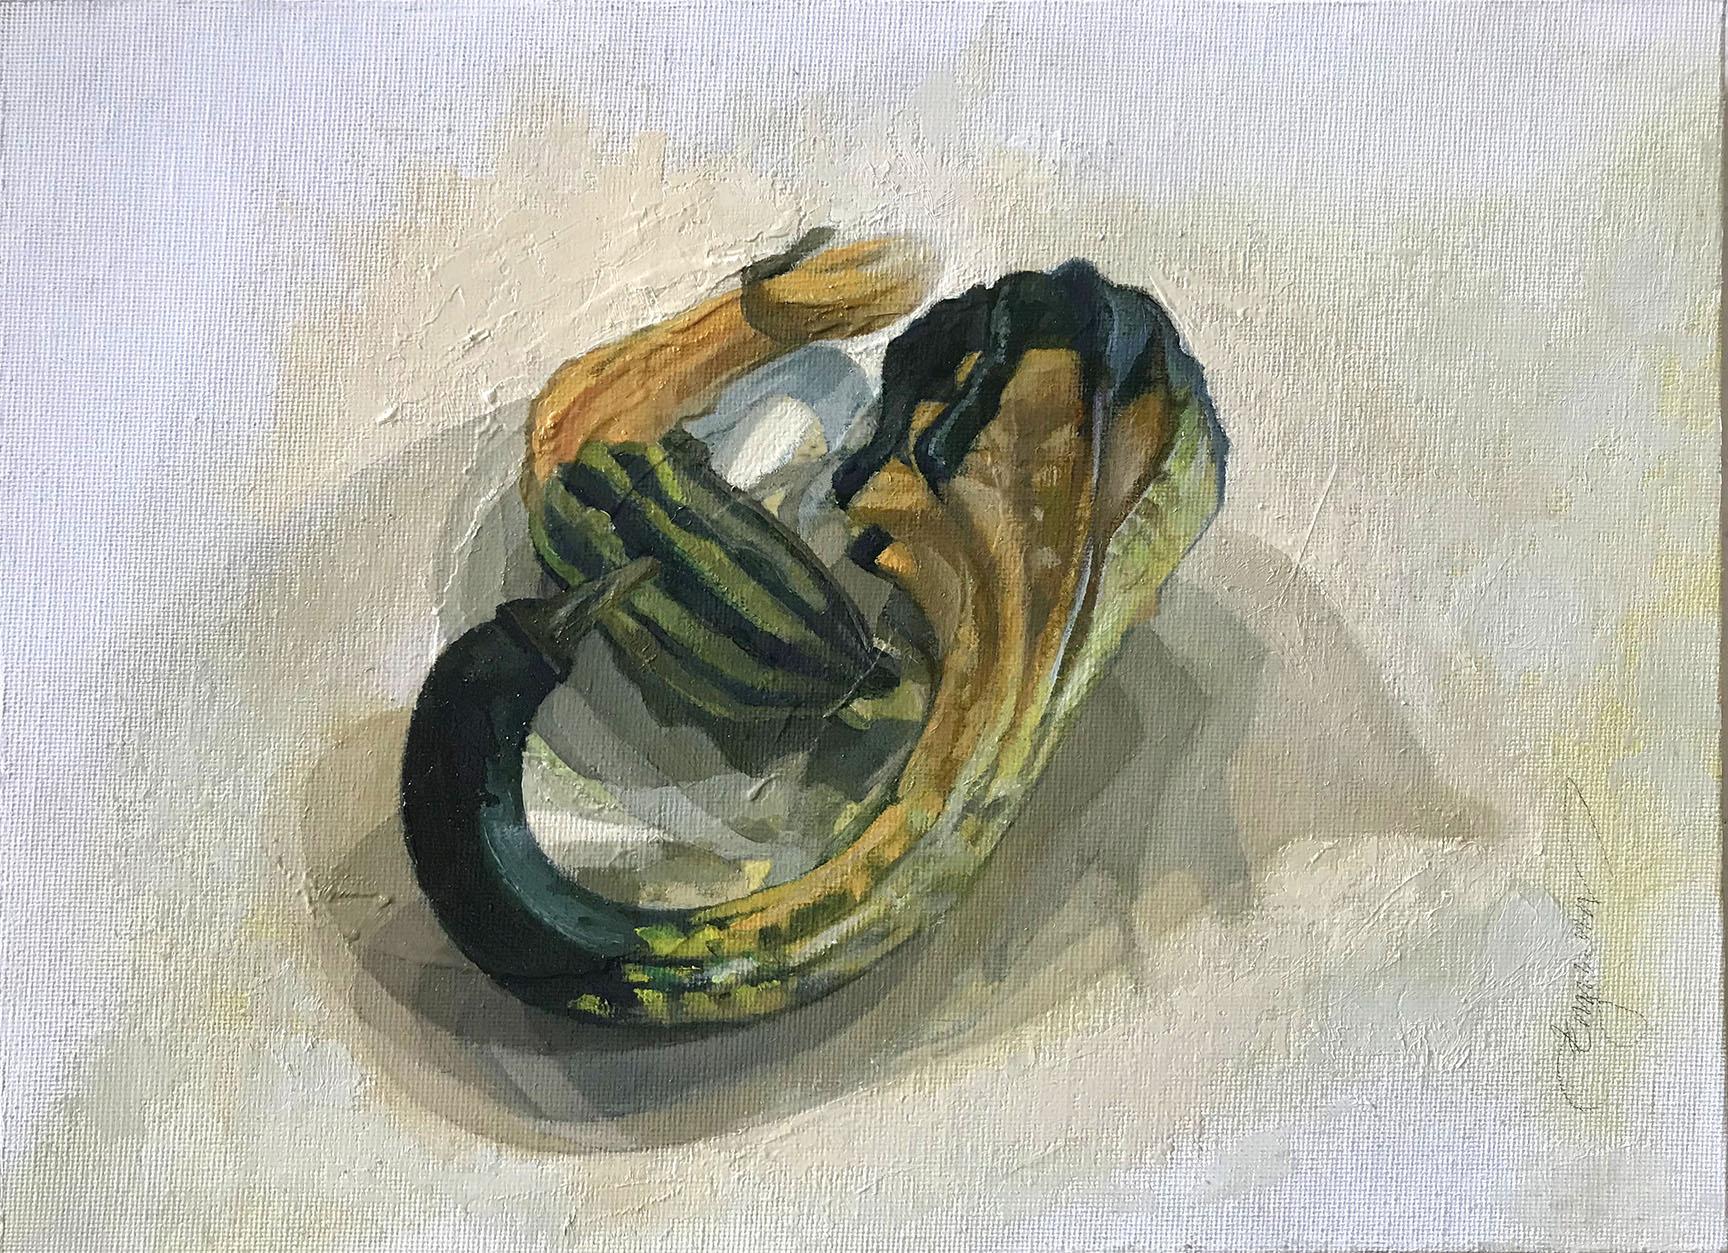 Gourd No. 1